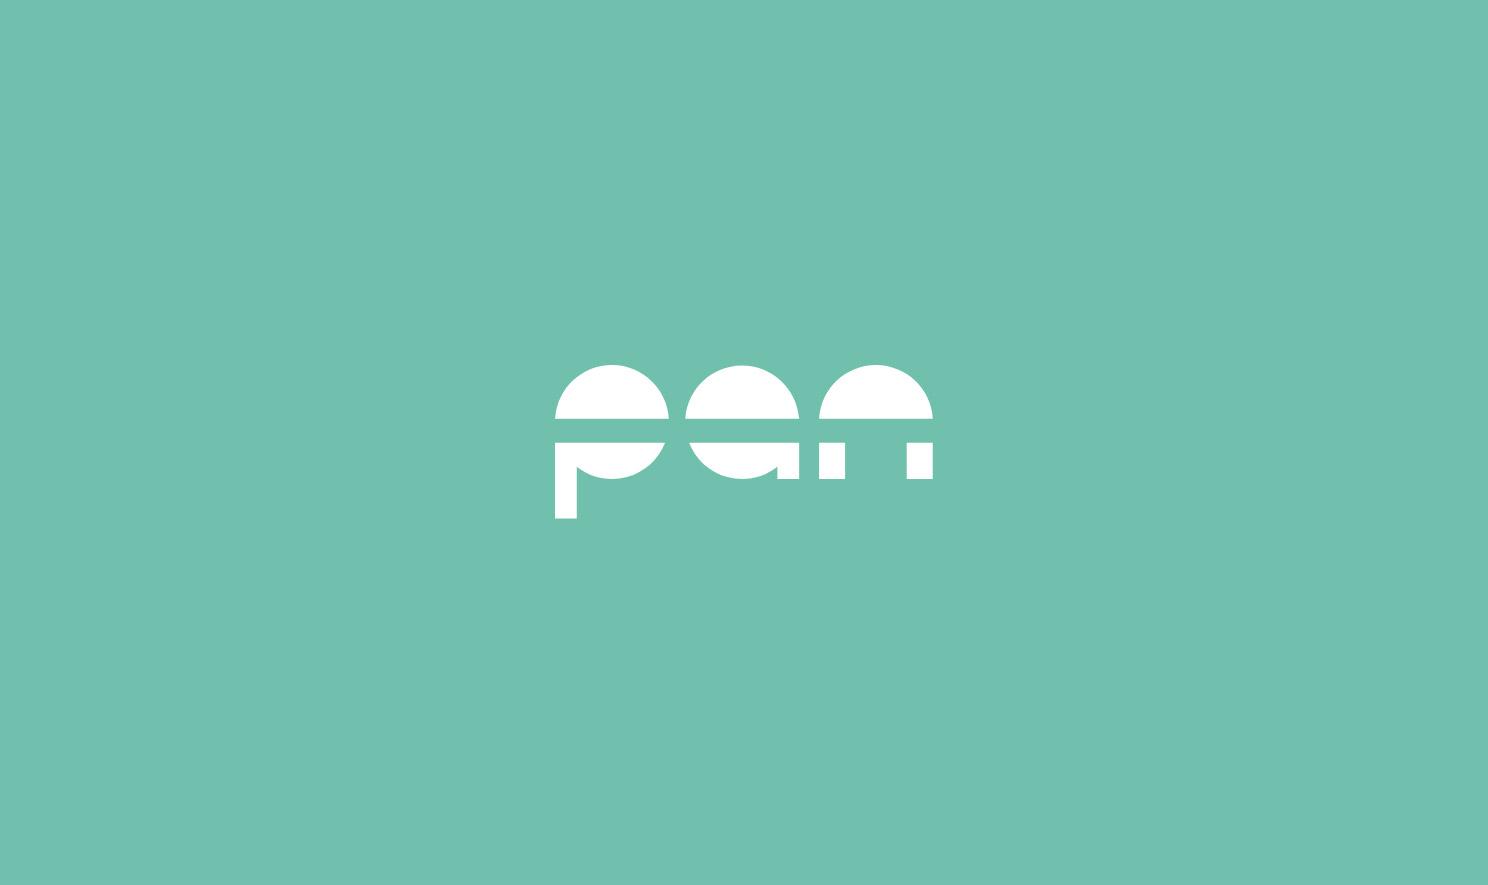 pan shave Logo